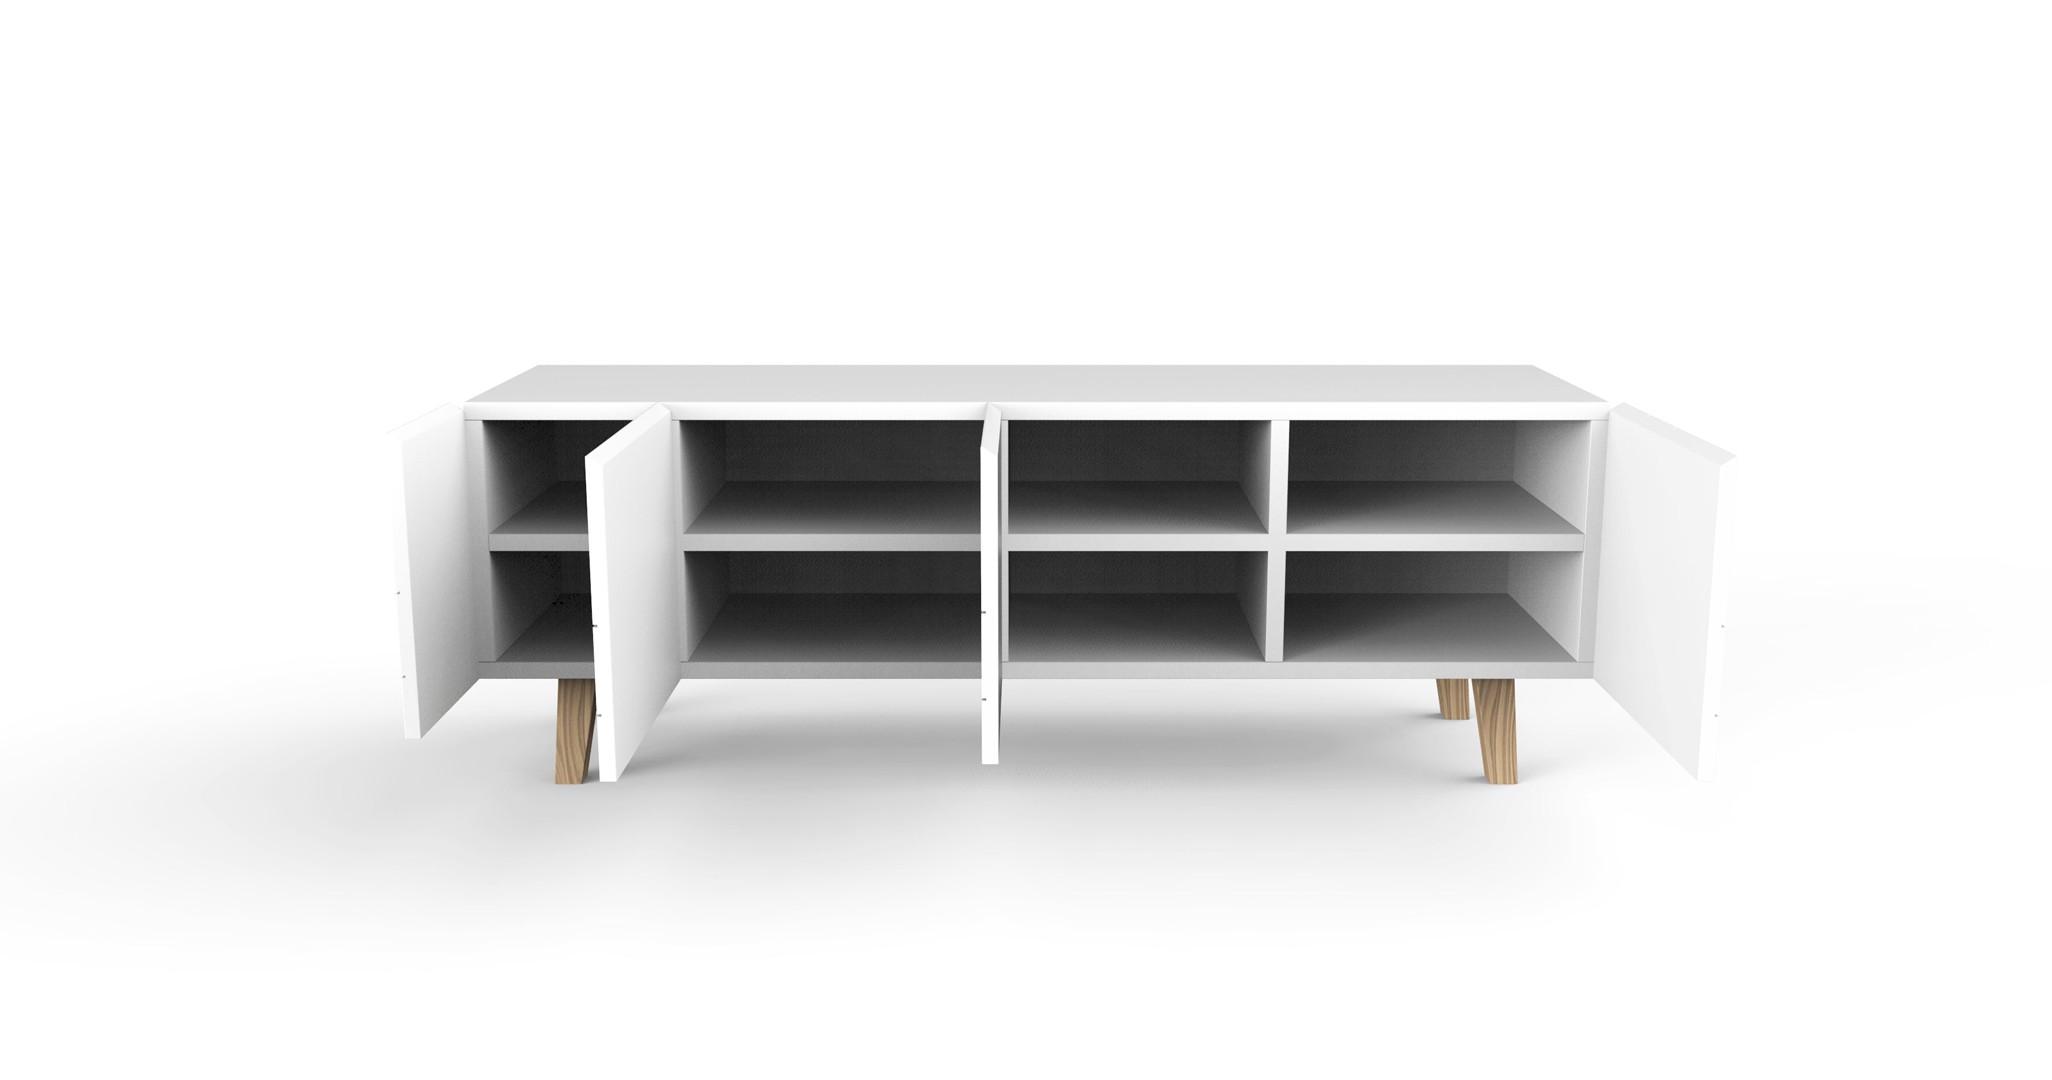 meuble-tv-design-4-portes-laqu_-blanc-bristol-ouvert Meilleur De De Meuble Tele En Bois Des Idées